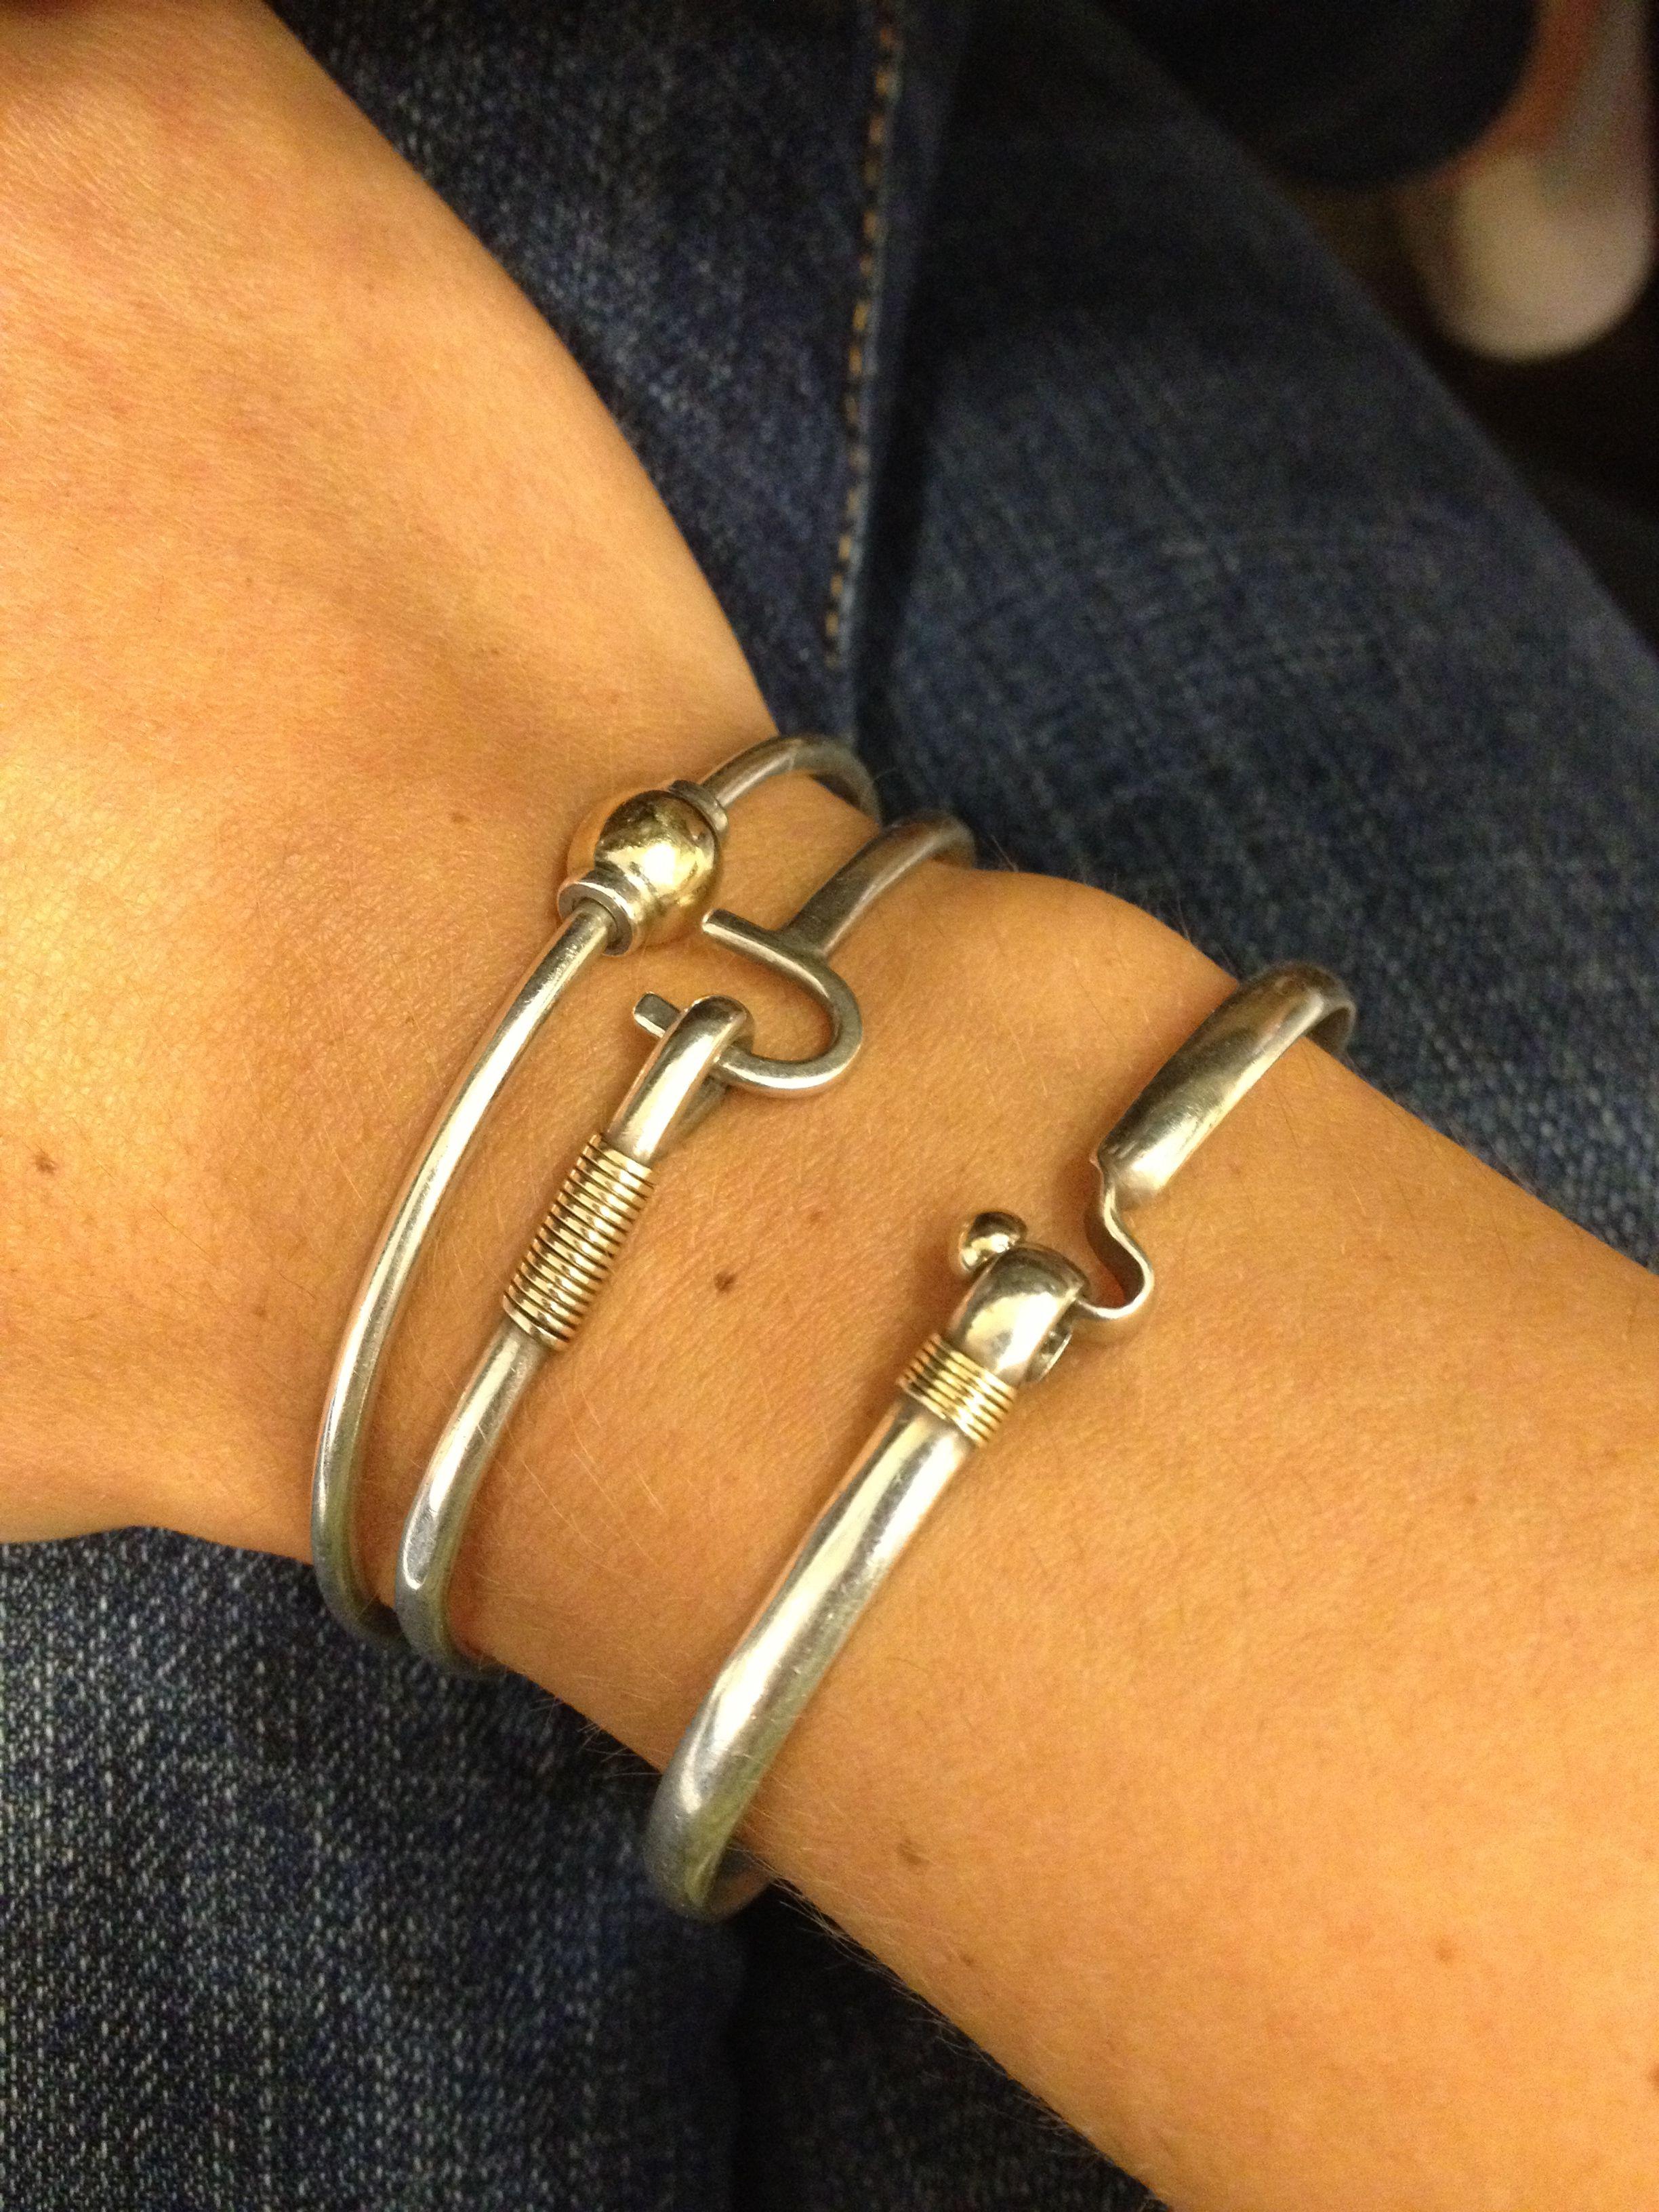 Pin By Savannah Wesley On Accessorize Me Hook Bracelet Bracelets With Meaning Bracelets